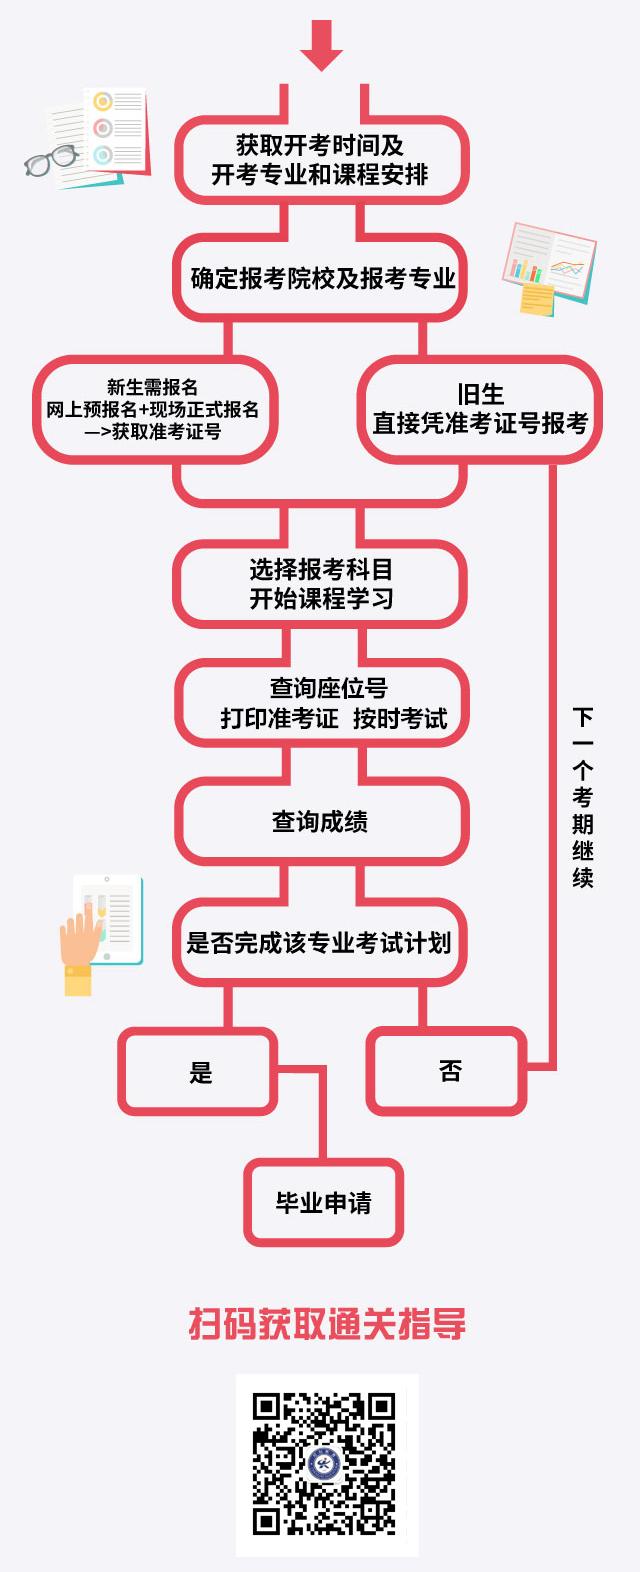 广州自考专升本流程是怎样的